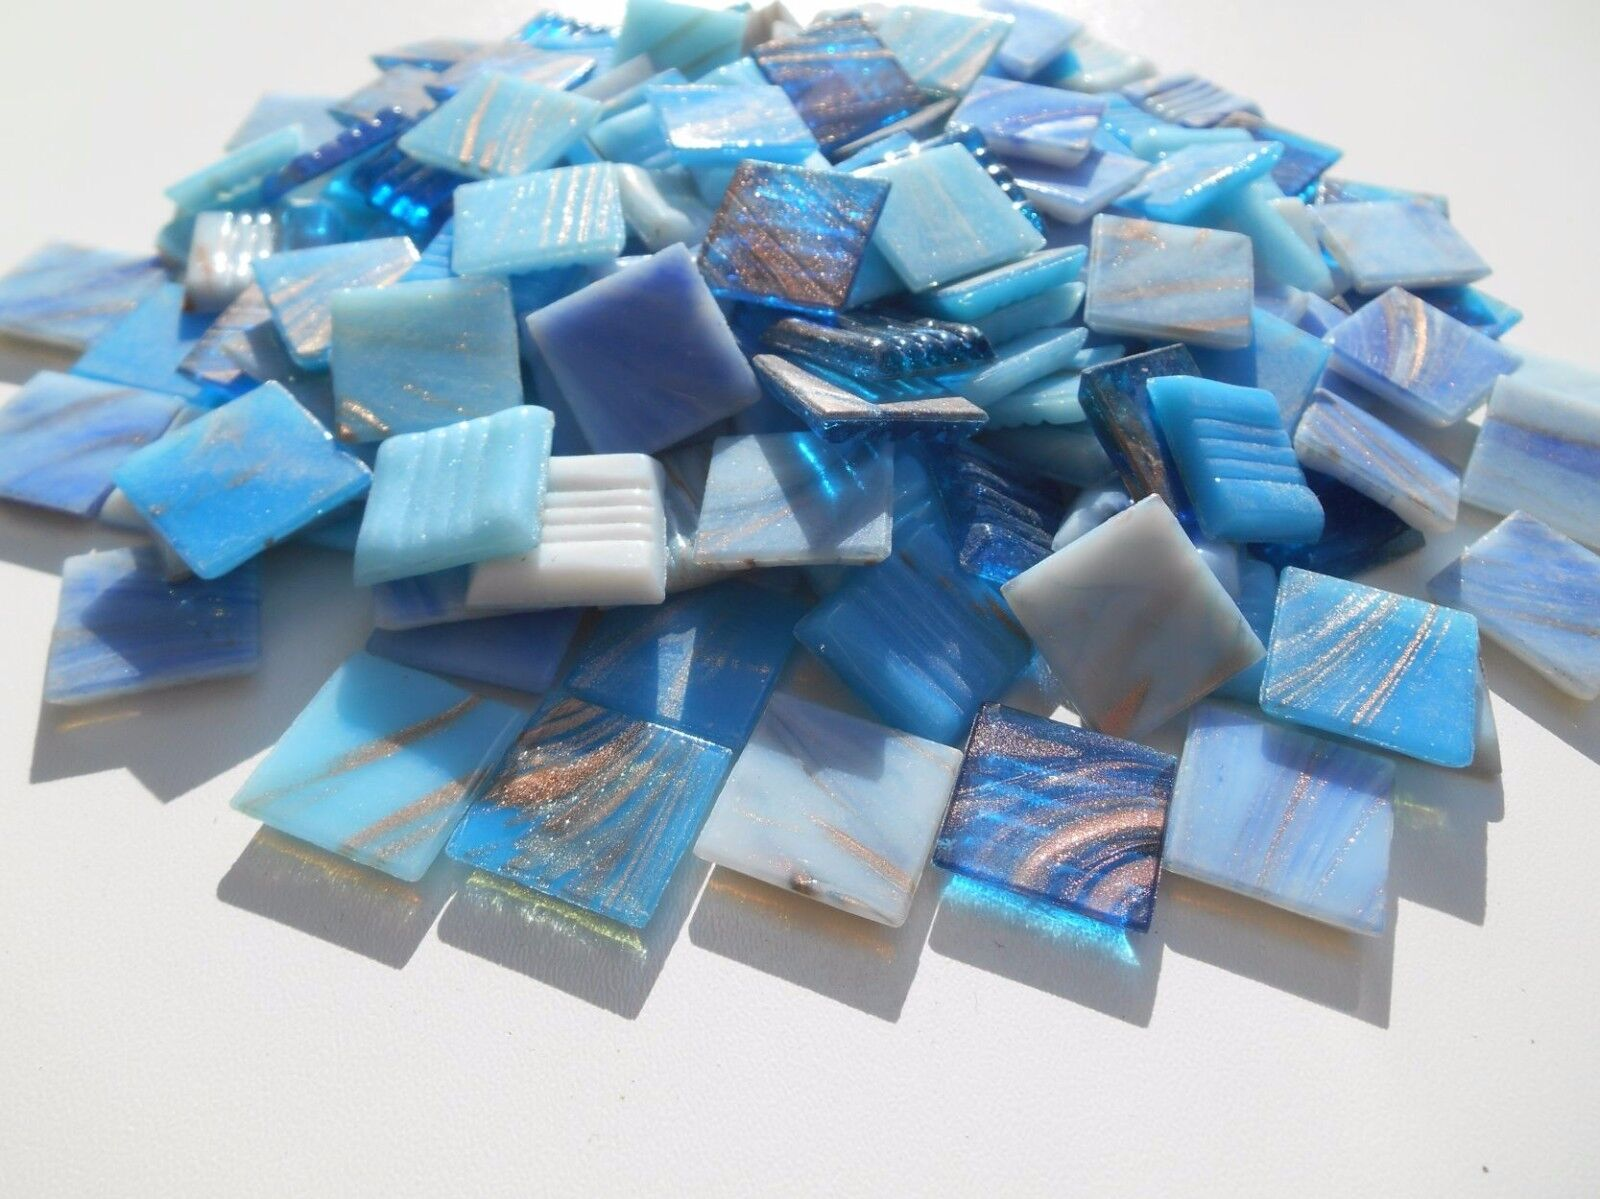 Mosaiksteine 1000g wunderschöner Blau Mix mit Goldregeneffekt lose zum Basteln